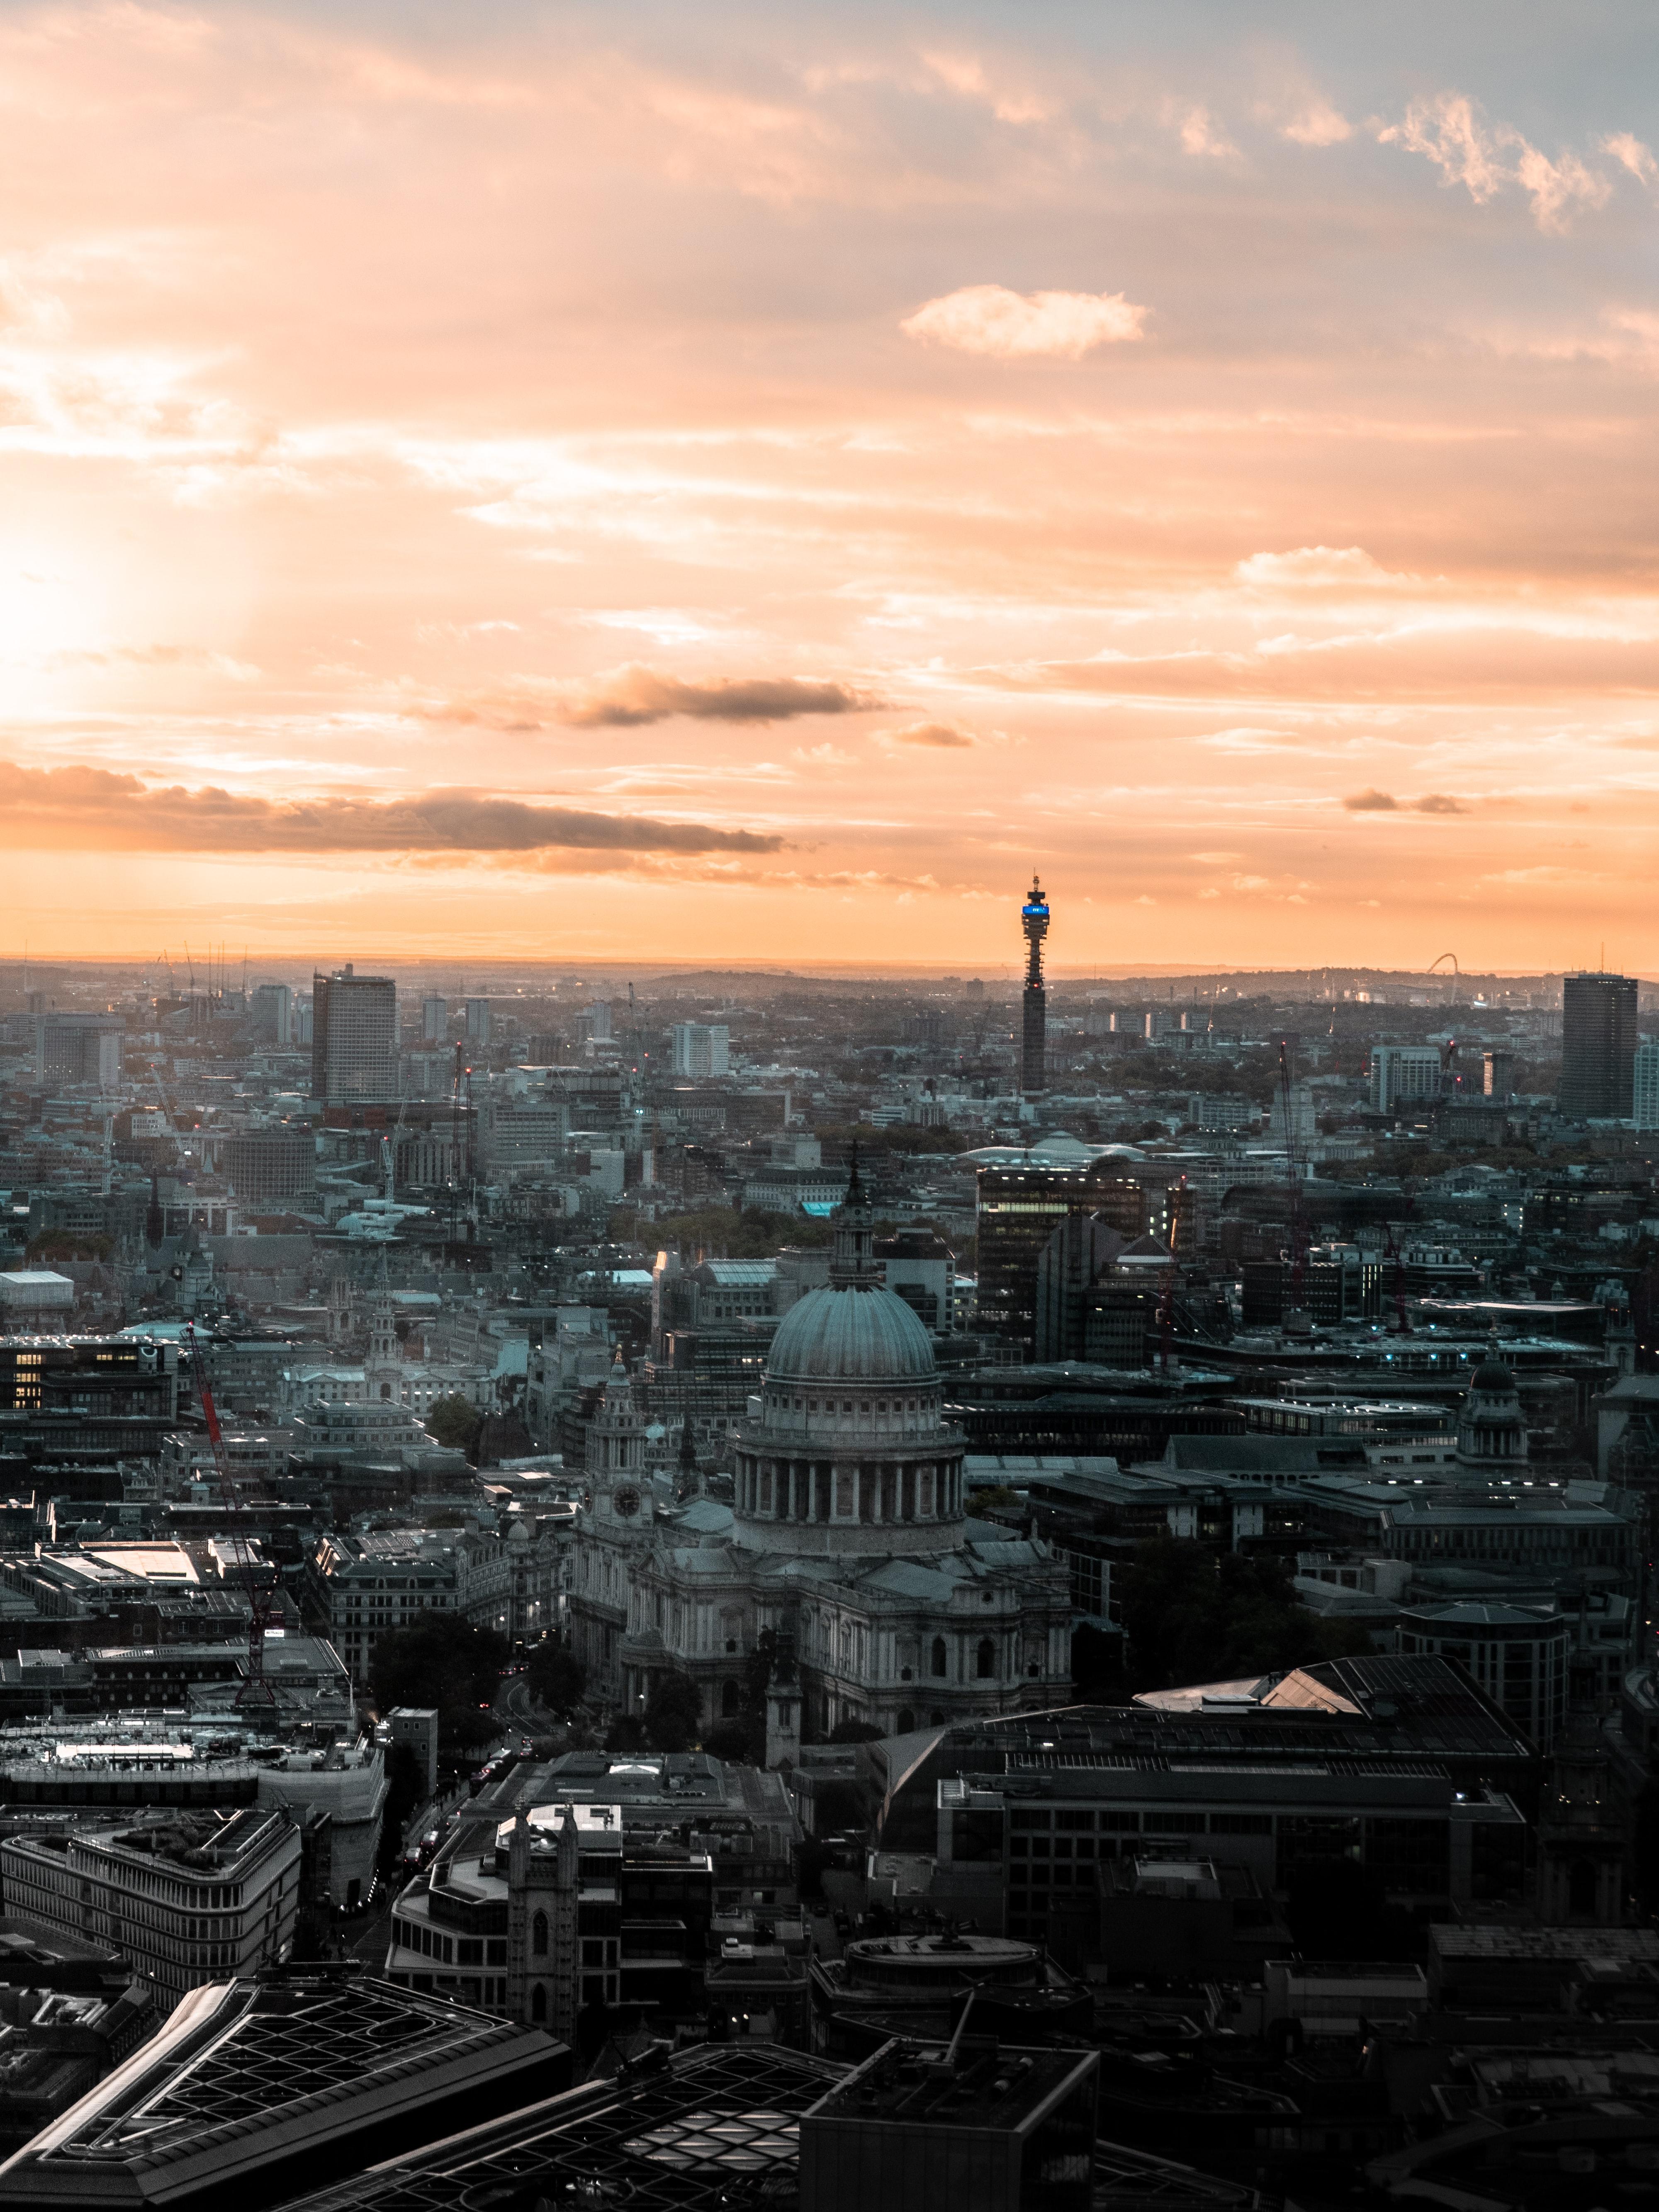 116261 Hintergrundbild herunterladen Architektur, Städte, Großbritannien, London, Stadt, Gebäude, Blick Von Oben, Überblick, Bewertung, Vereinigtes Königreich - Bildschirmschoner und Bilder kostenlos